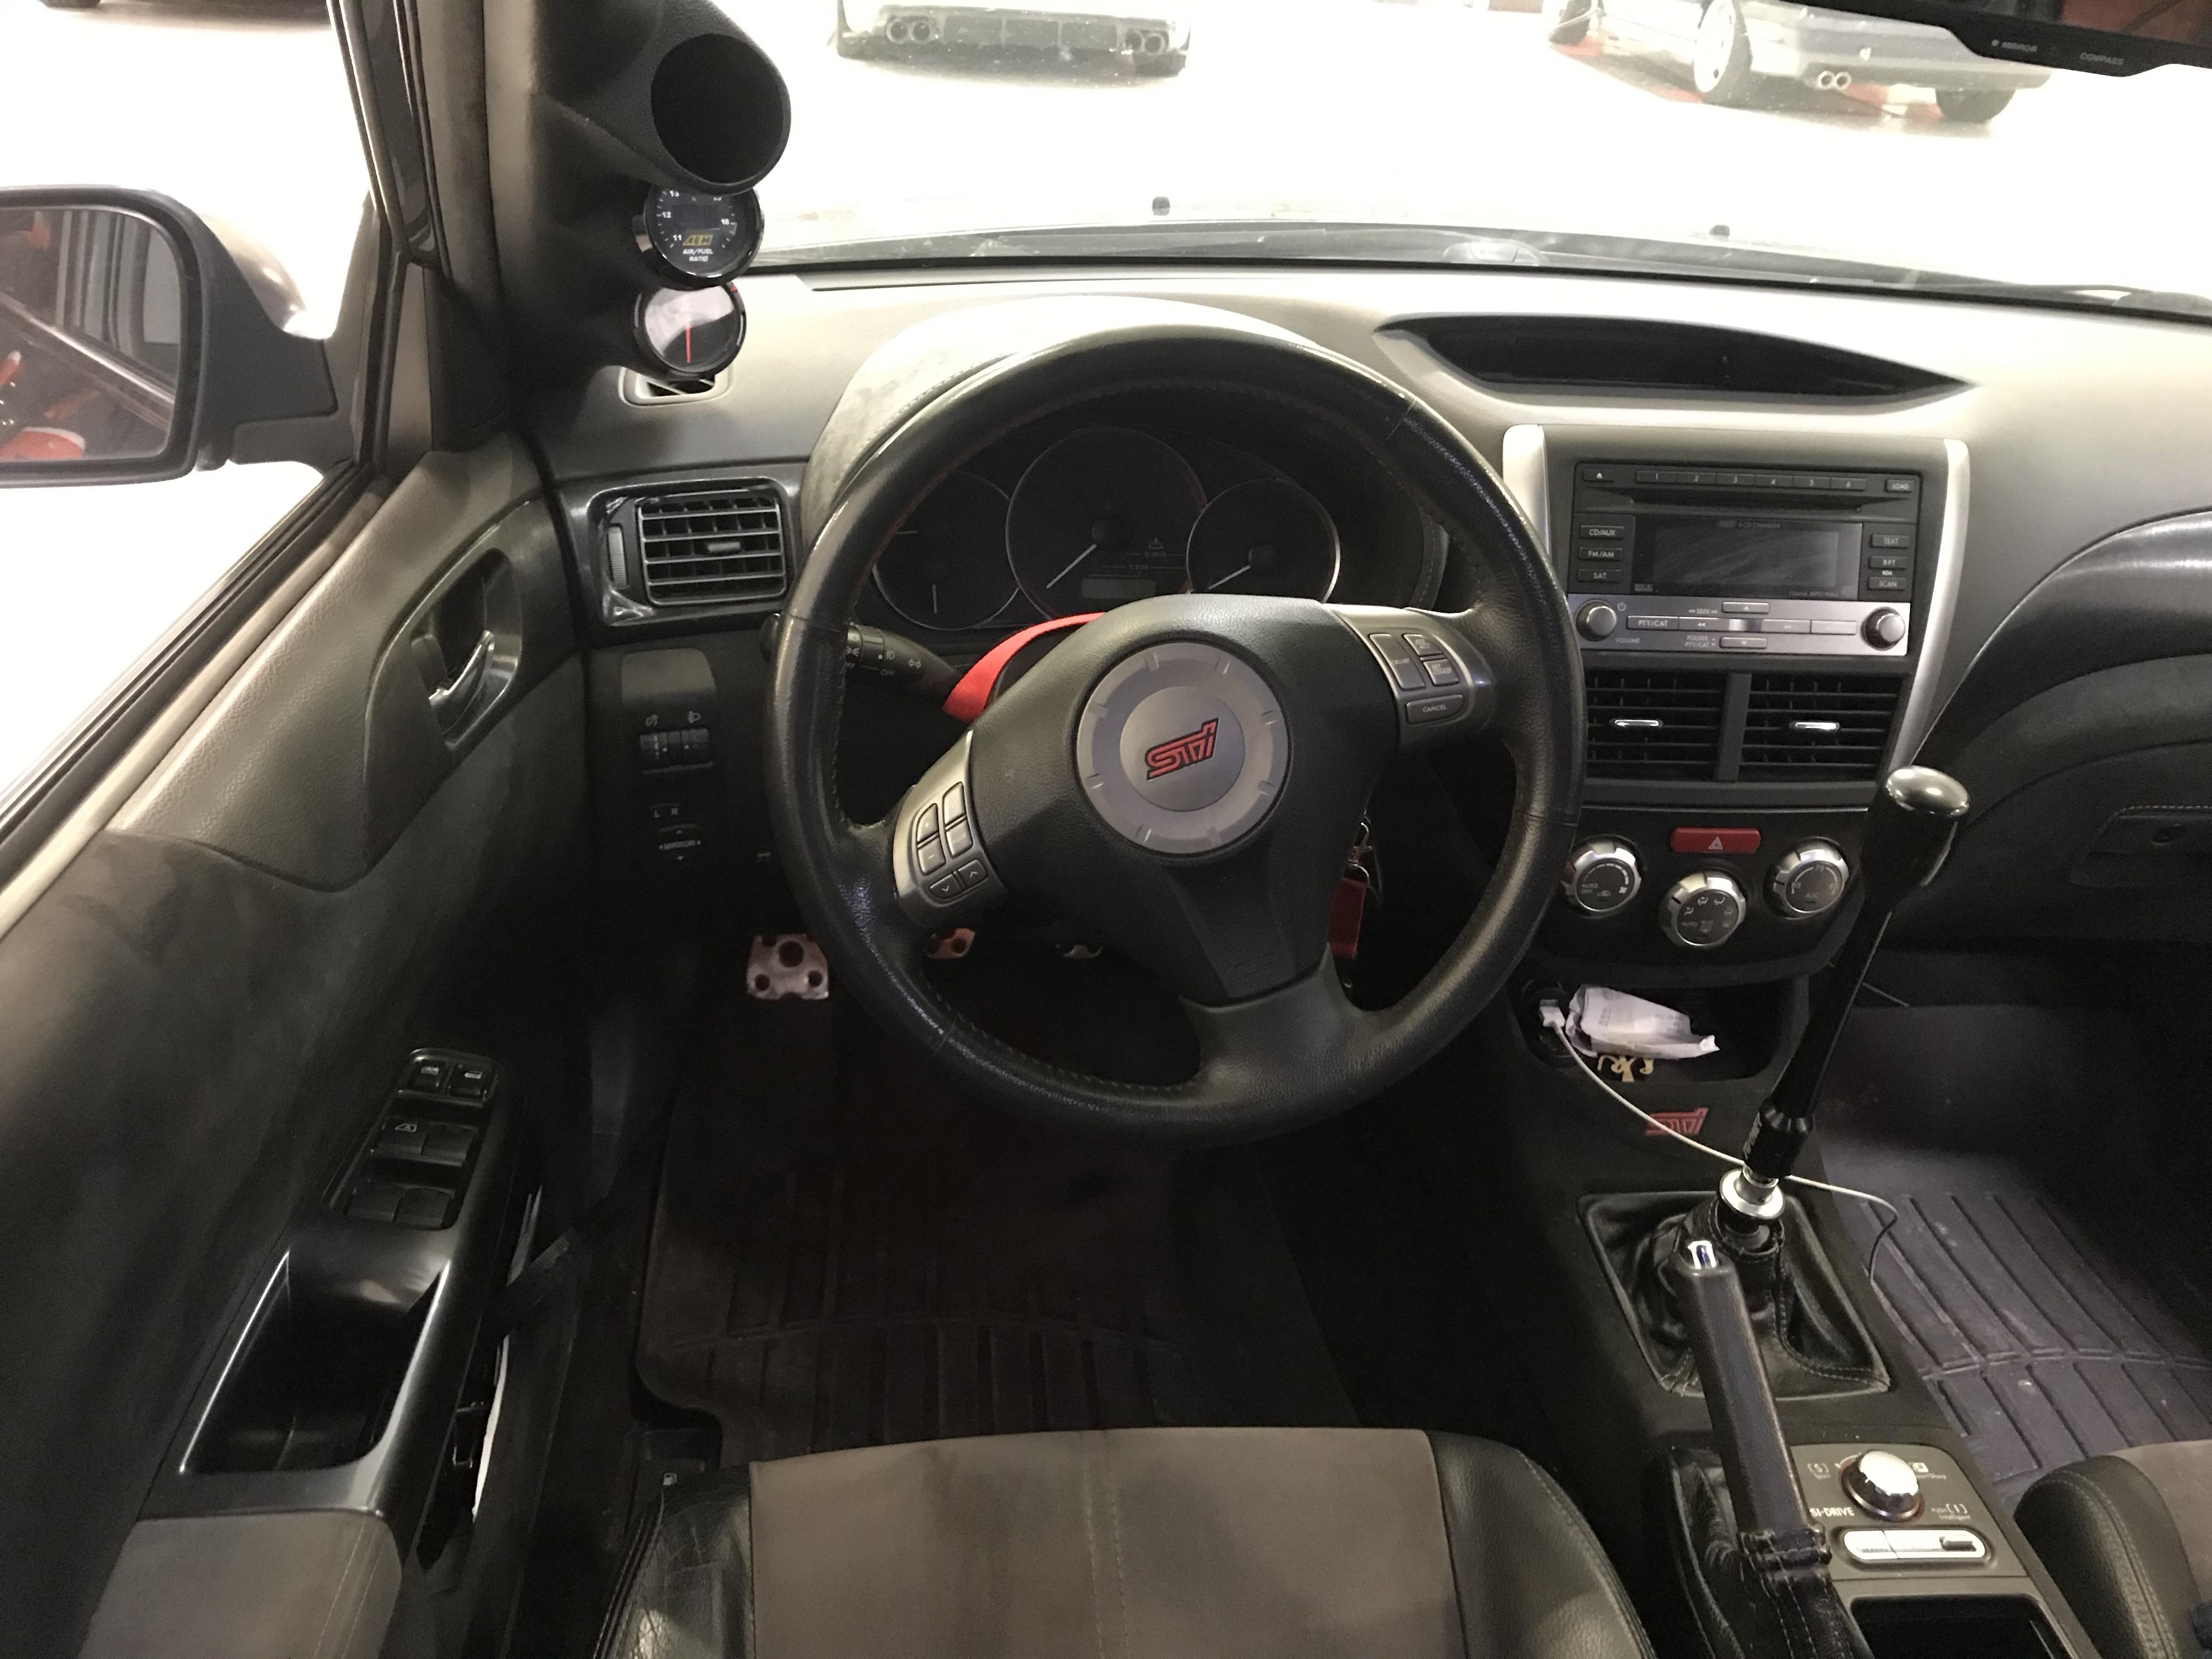 520 Whp 08 STi Hatch **Lots of extras** 18.5k OBO-b0jewwnlr5ebjum2ft8lhq-jpg